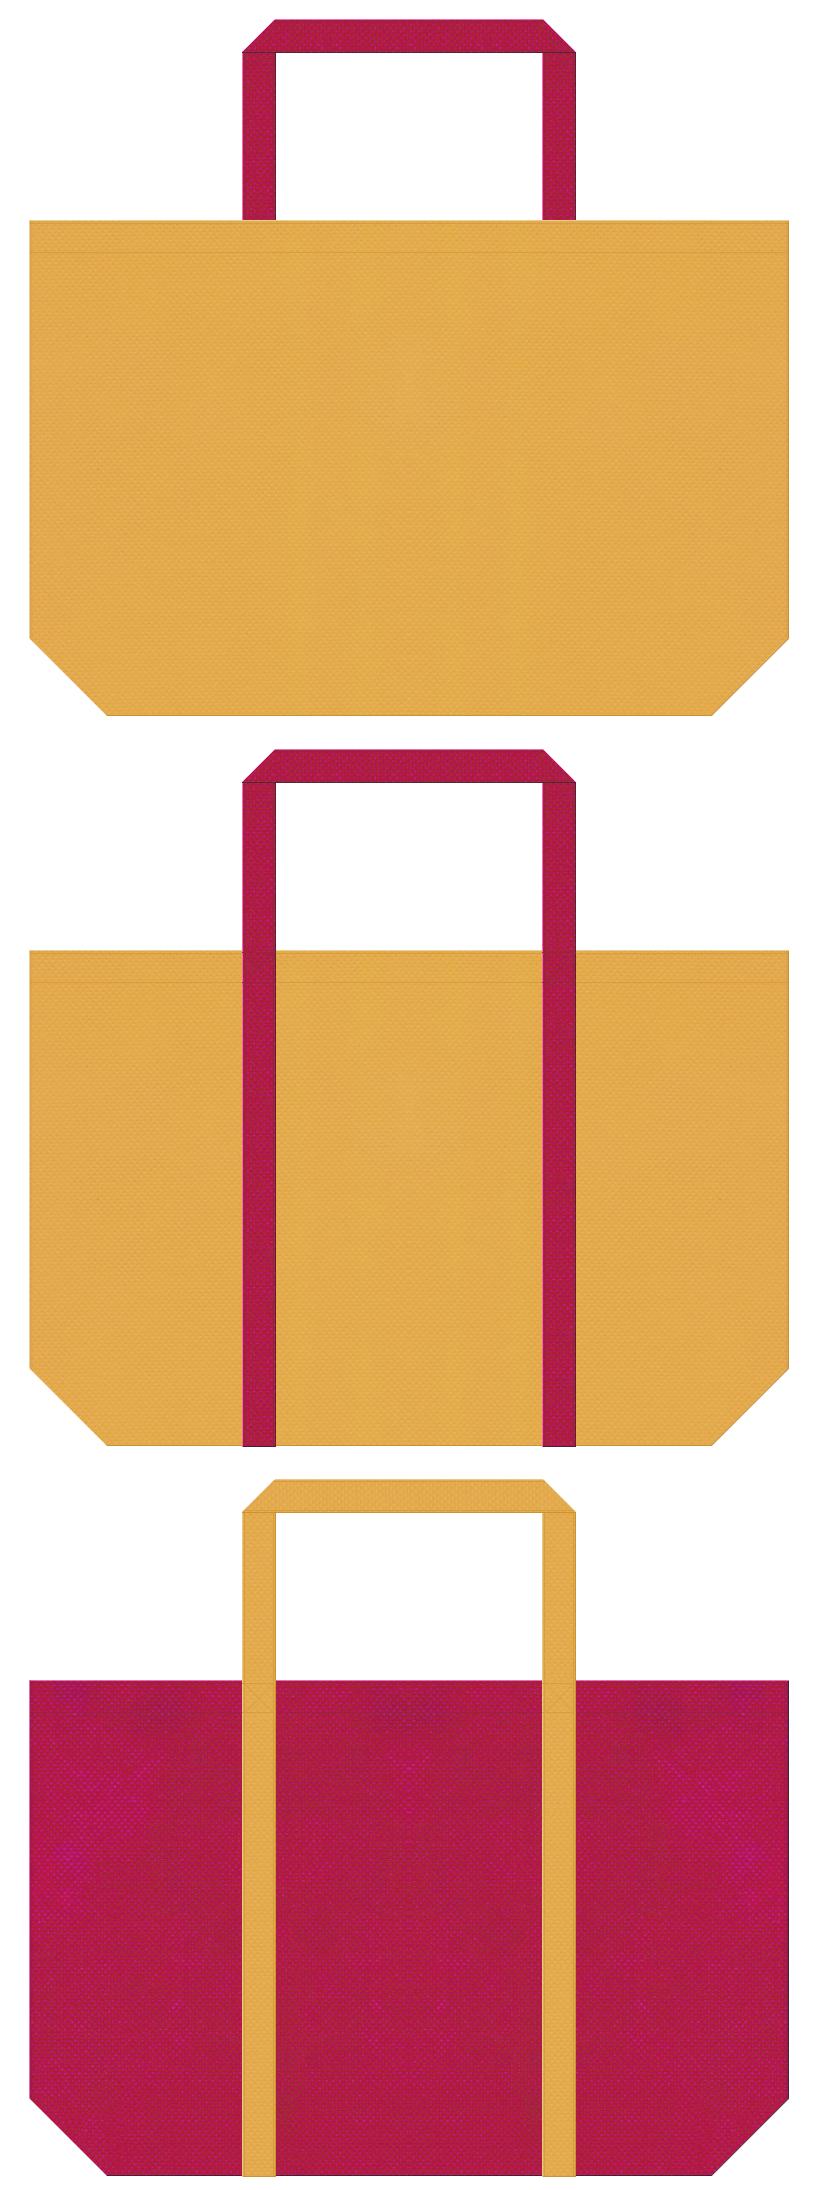 黄土色と濃いピンク色の不織布バッグデザイン。トロピカルなイメージで、南国ツアーのノベルティにお奨めです。